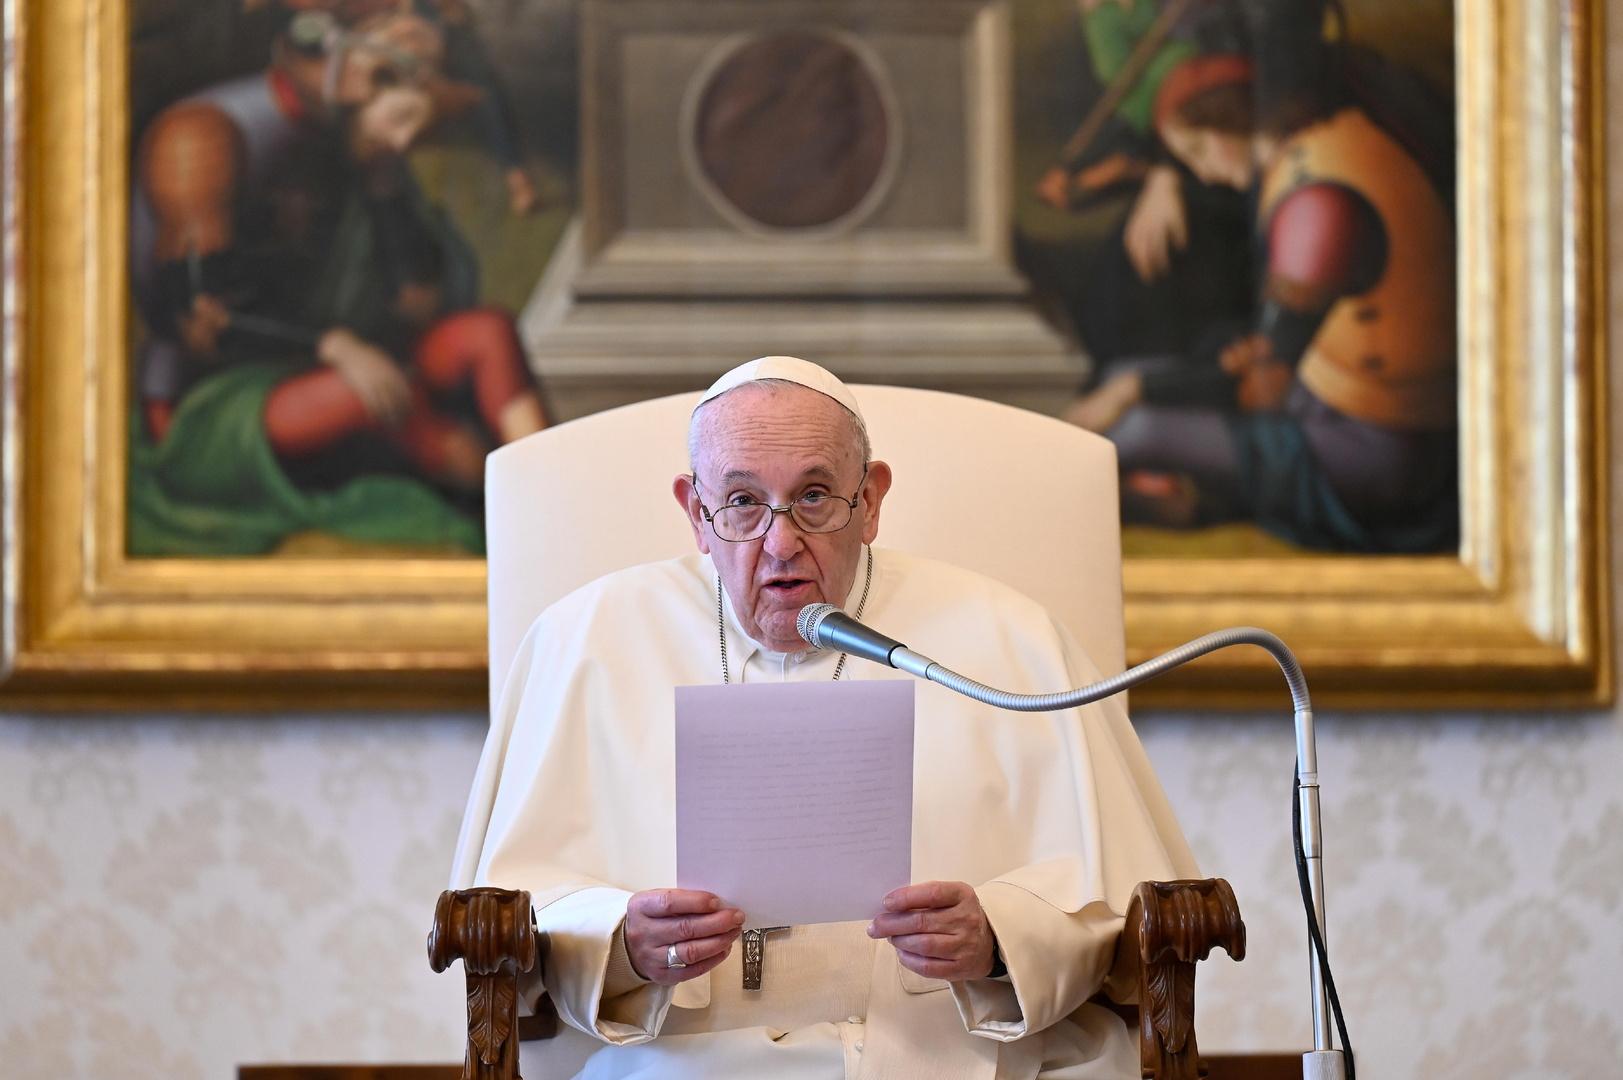 البابا فرنسيس يحث صندوق النقد والبنك الدولي على خفض ديون الدول الفقيرة